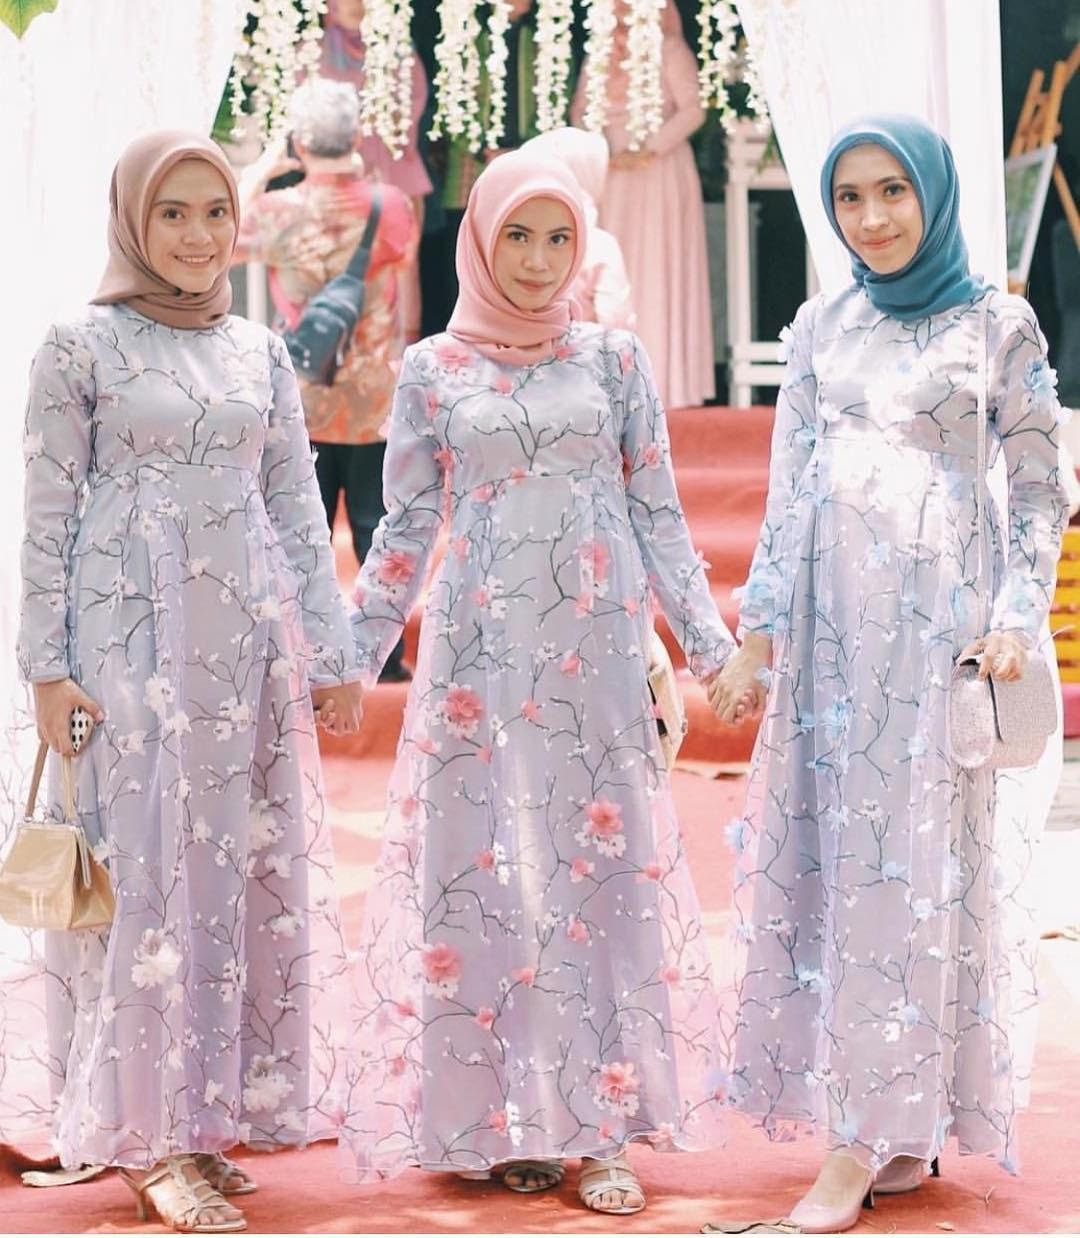 Ide Model Baju Gamis Untuk Pernikahan Wddj Baju Gamis Kebaya 2019 Baju Kebaya Bagus